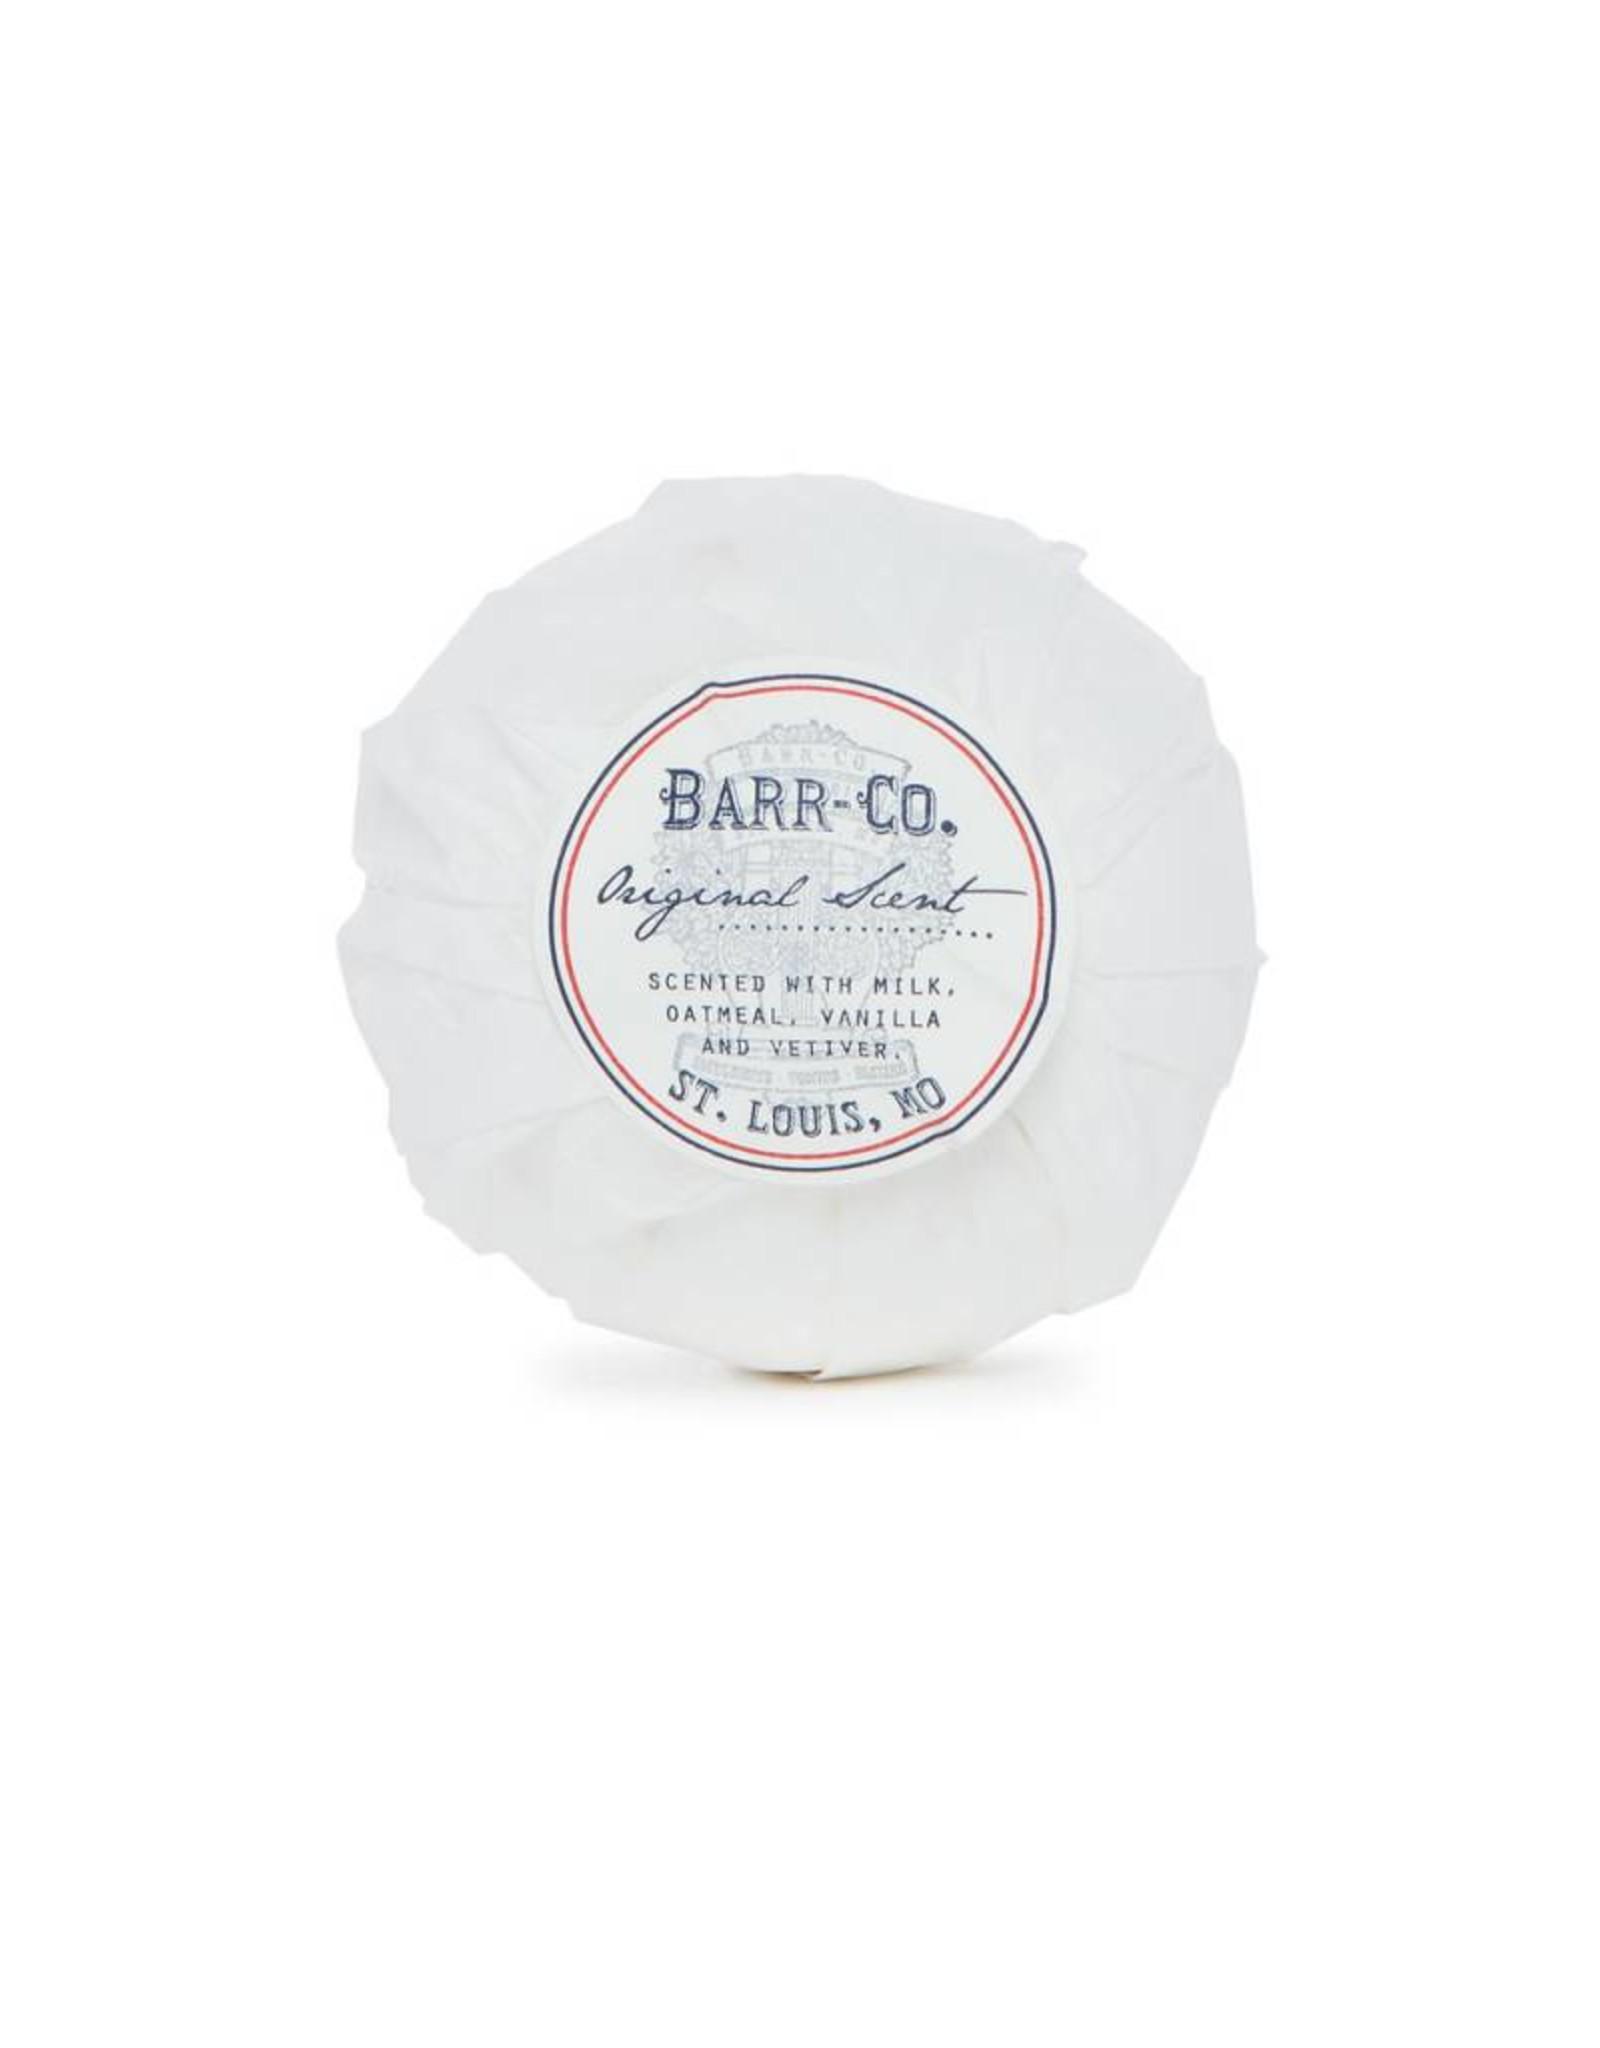 Barr-Co Bath Bomb Original Scent